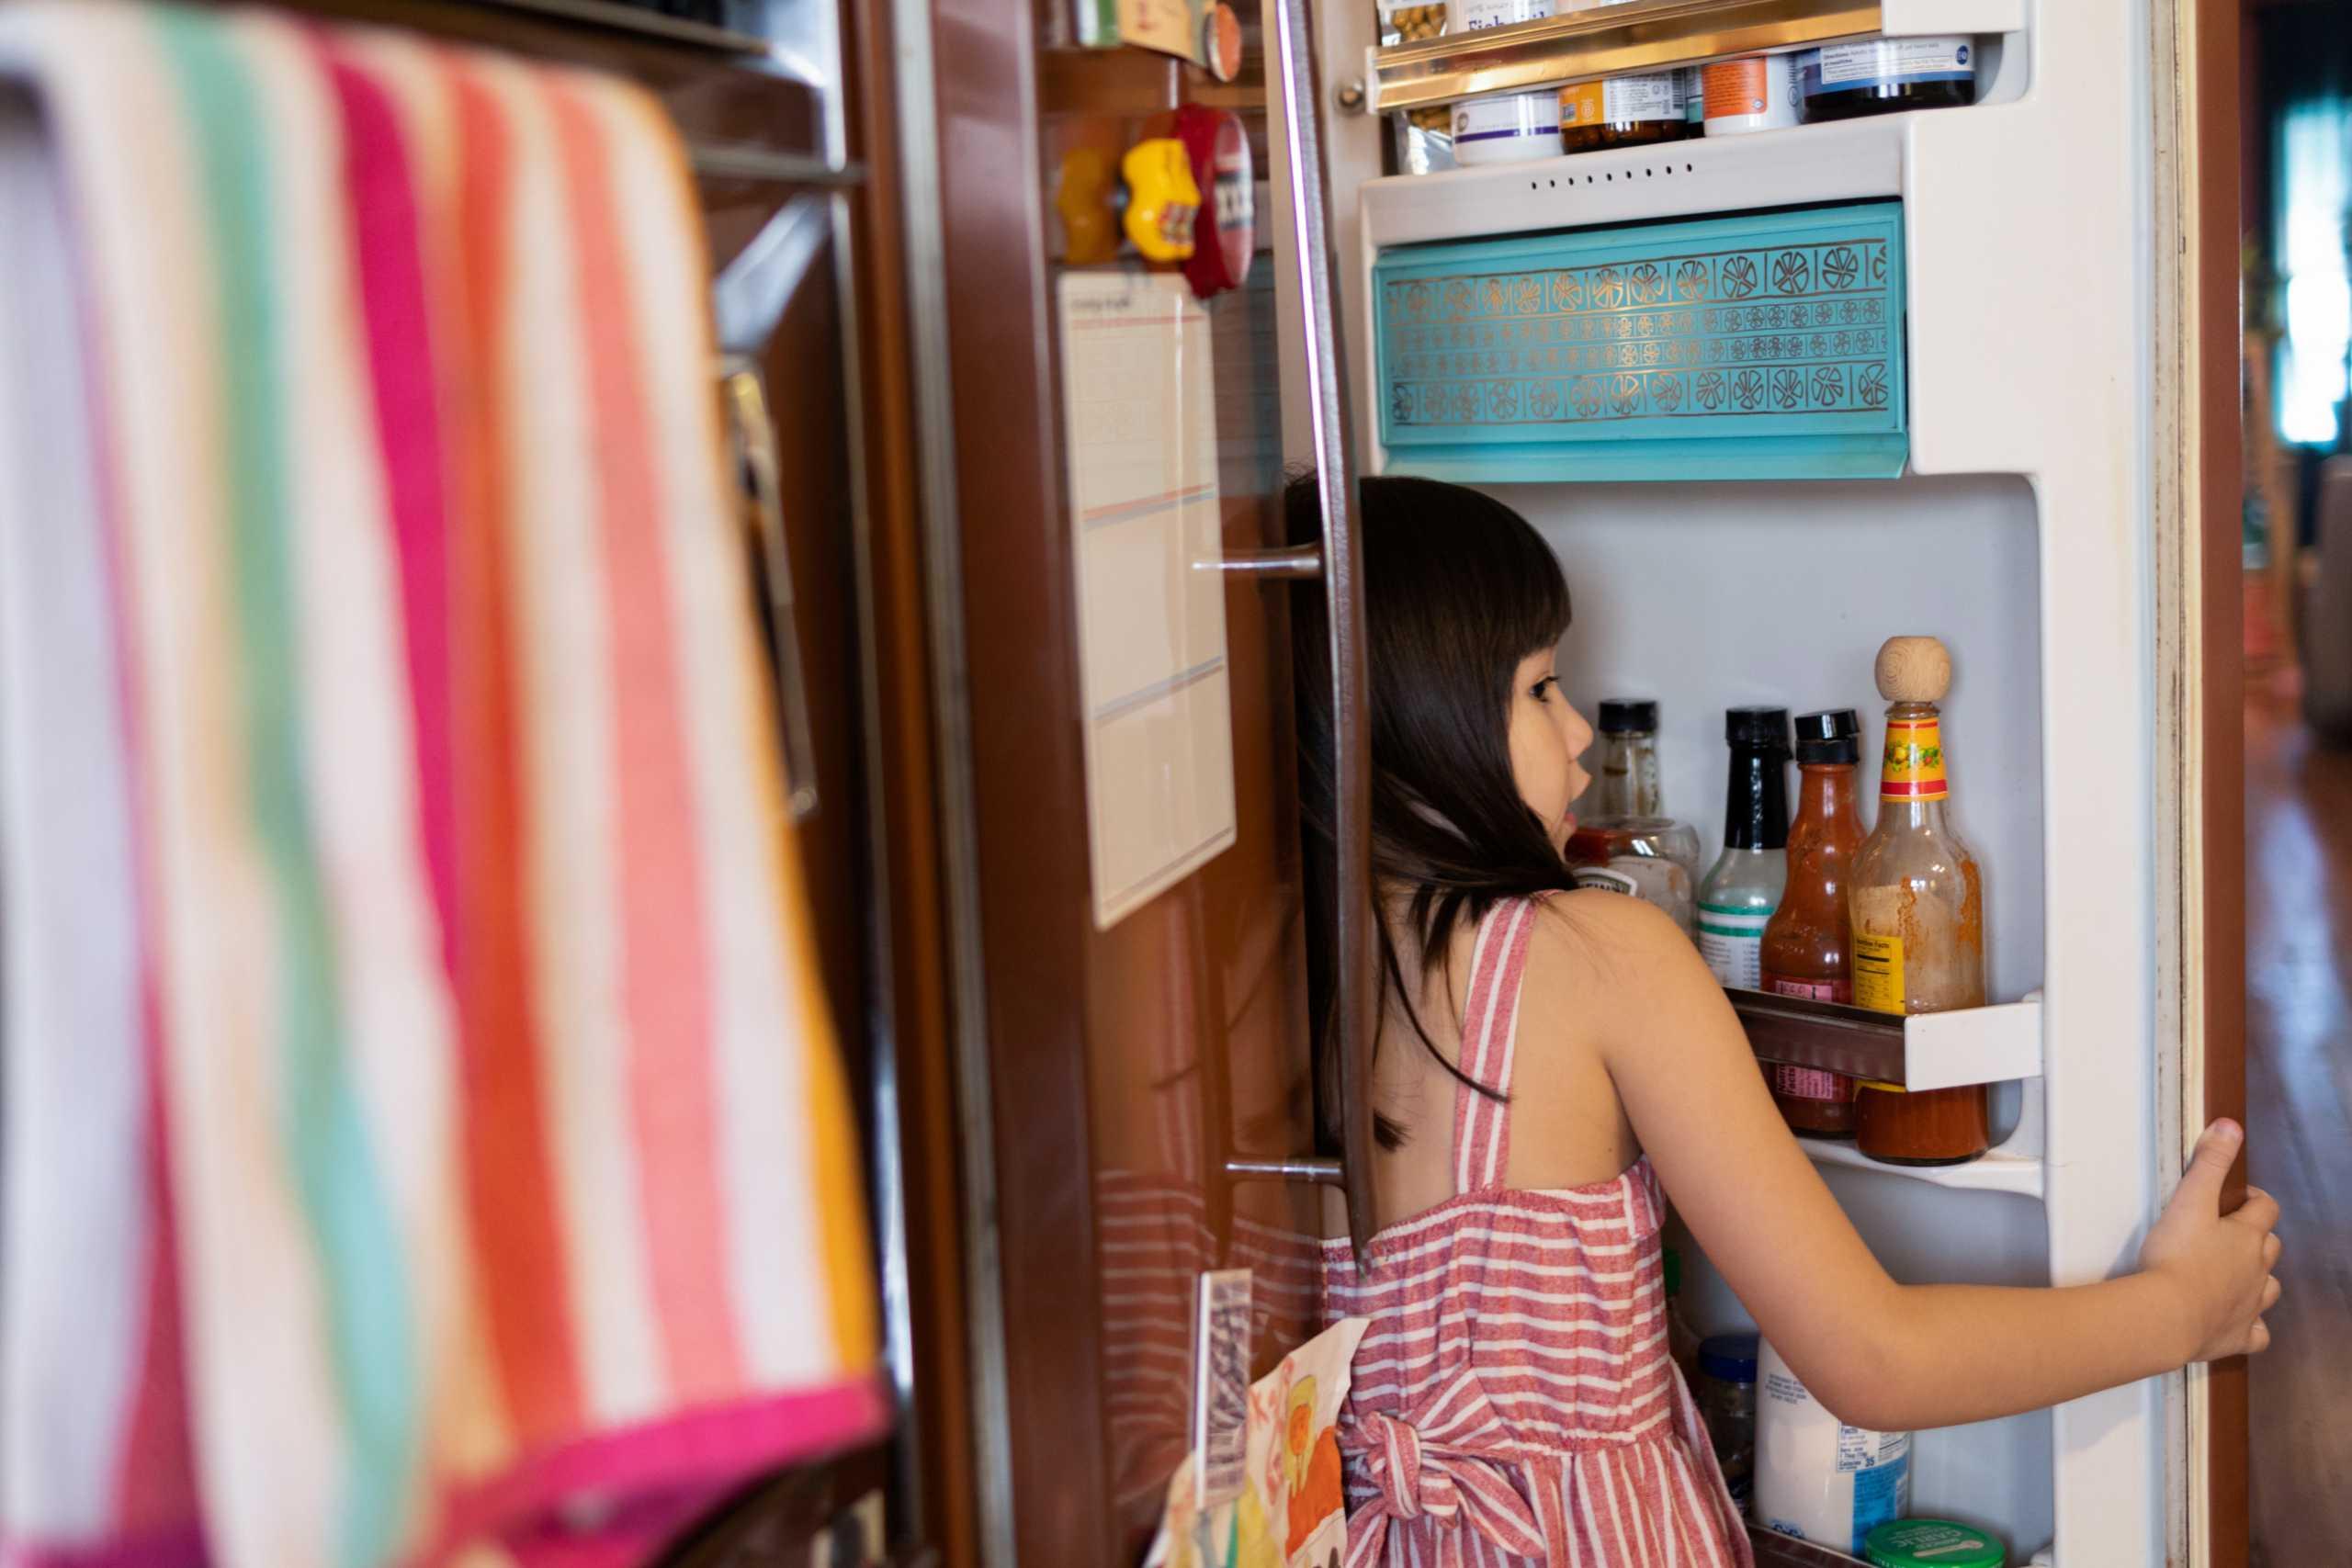 Αδιανόητο: Την δολοφόνησε γιατί δεν τα βρήκαν στην τιμή ενός ψυγείου (pics)